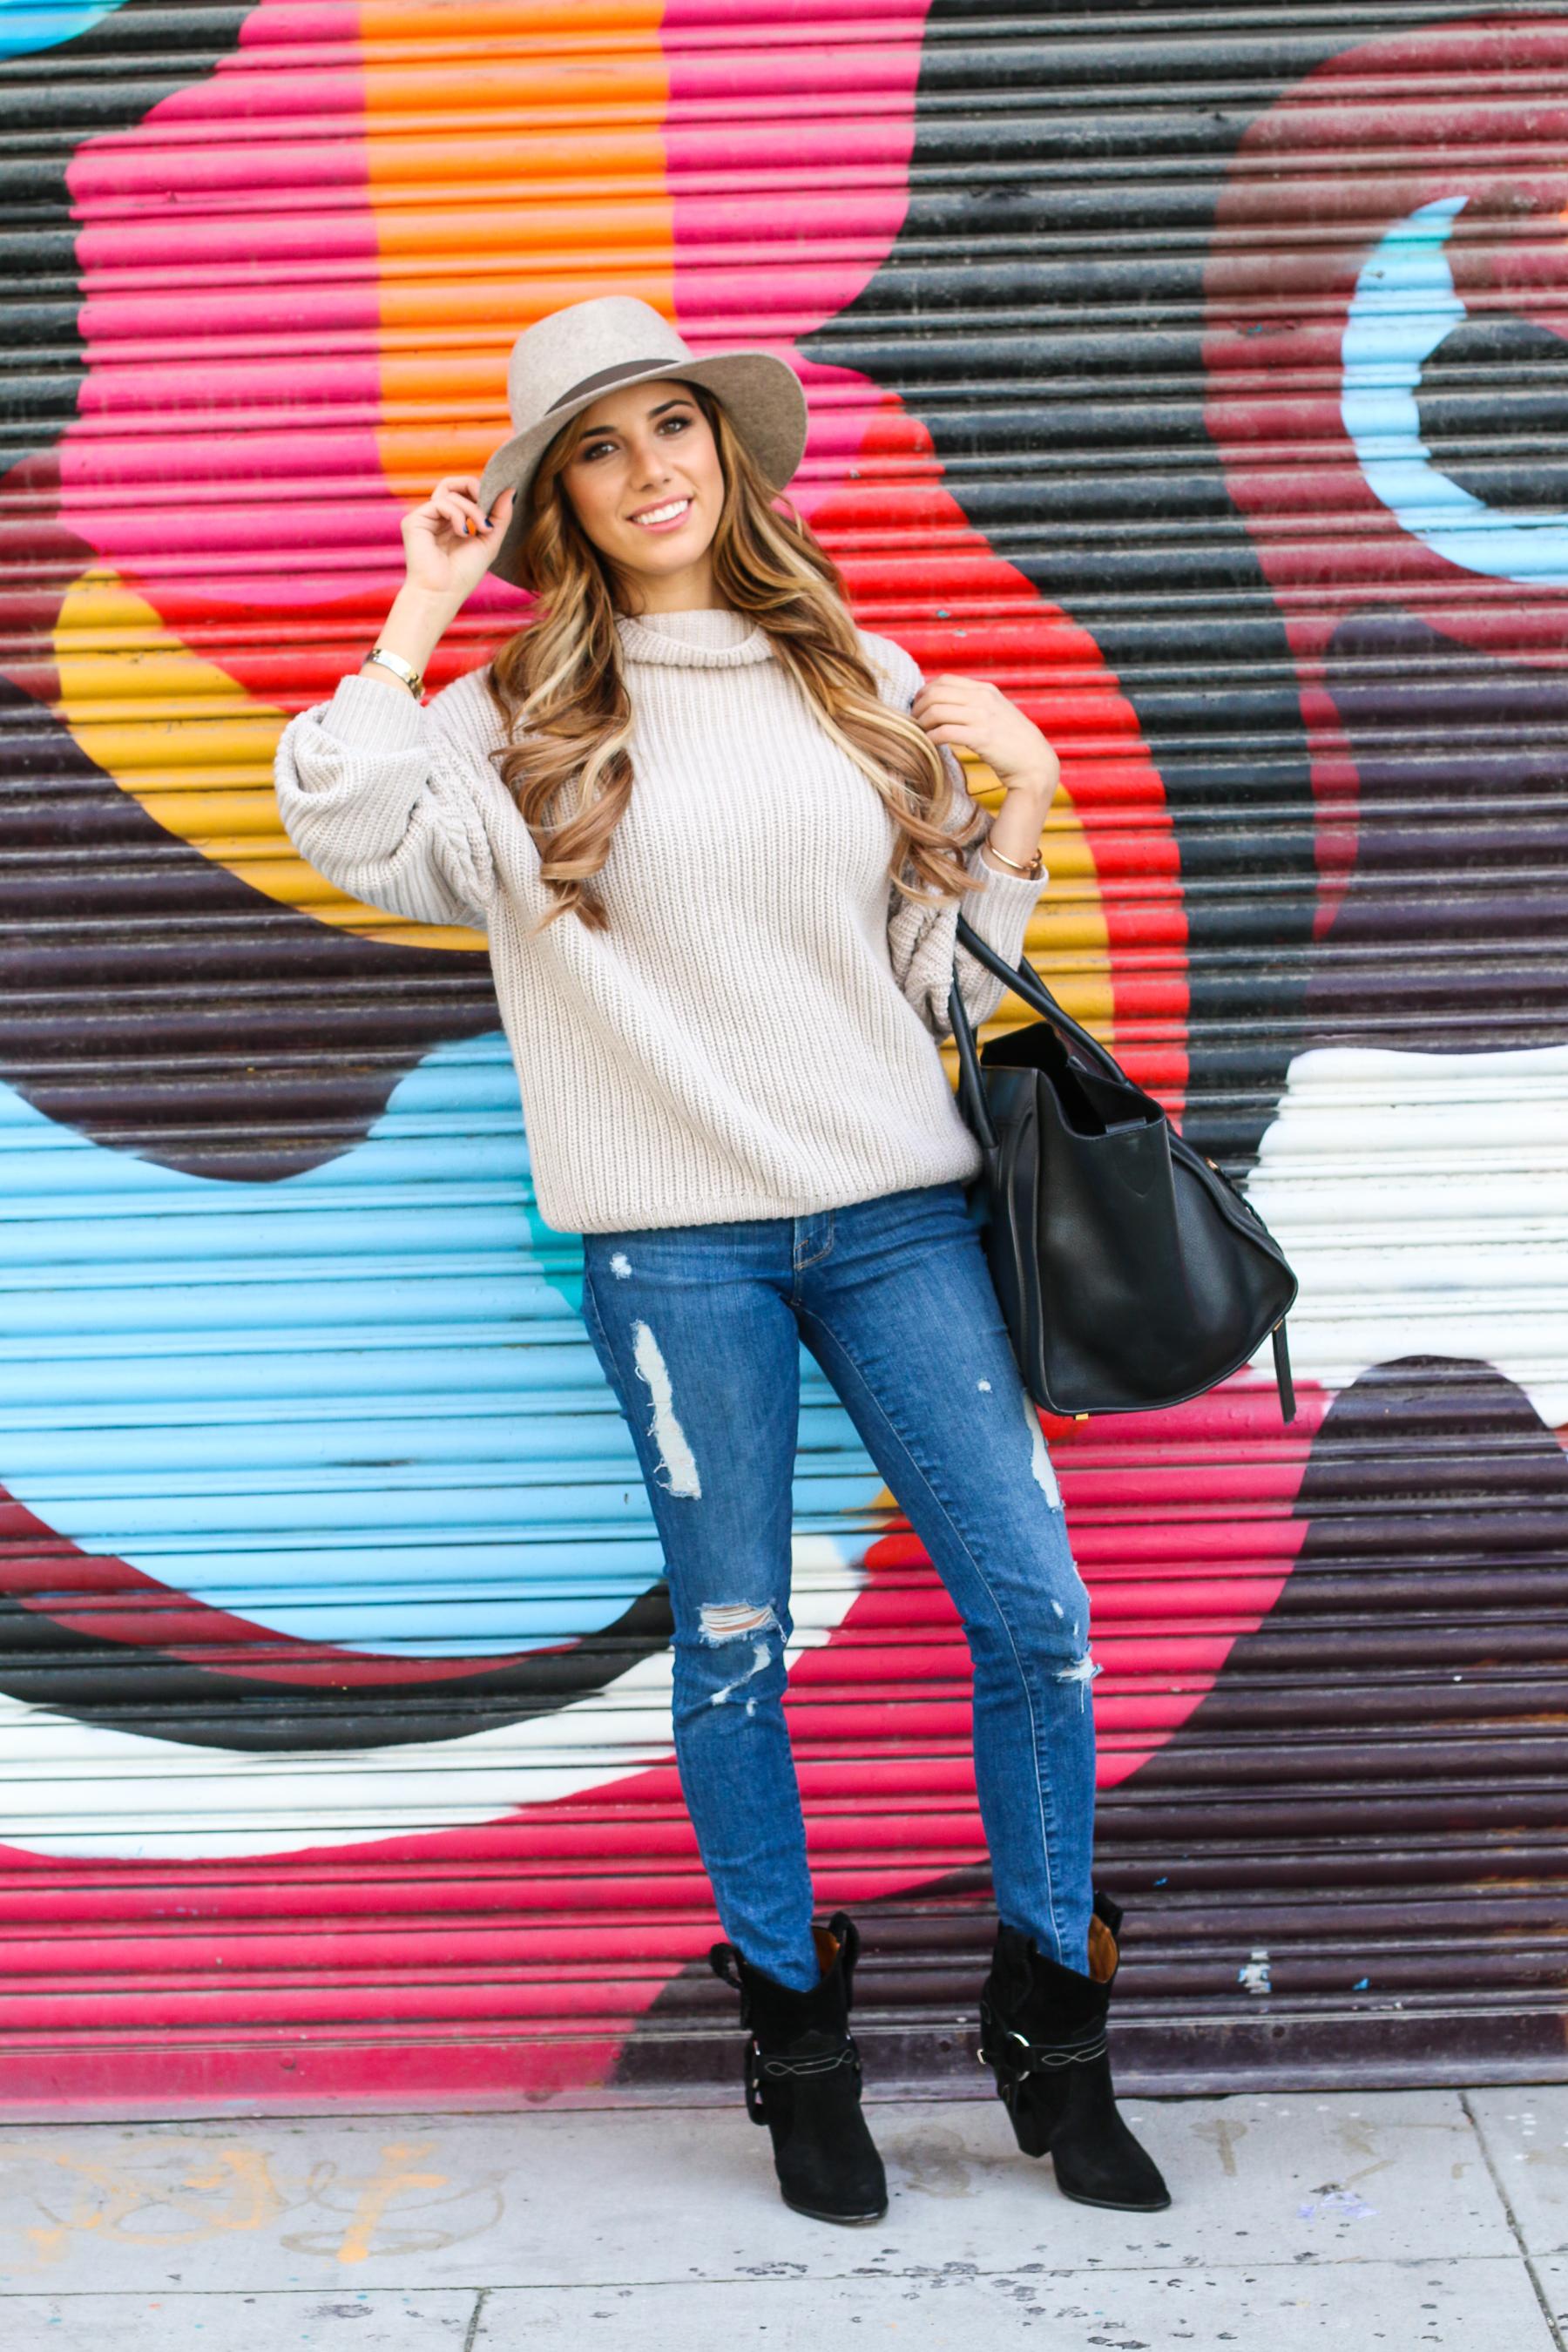 Ariana Lauren FashionBorn Fashion Blogger San Francisco Photography by Ryan Chua-7946